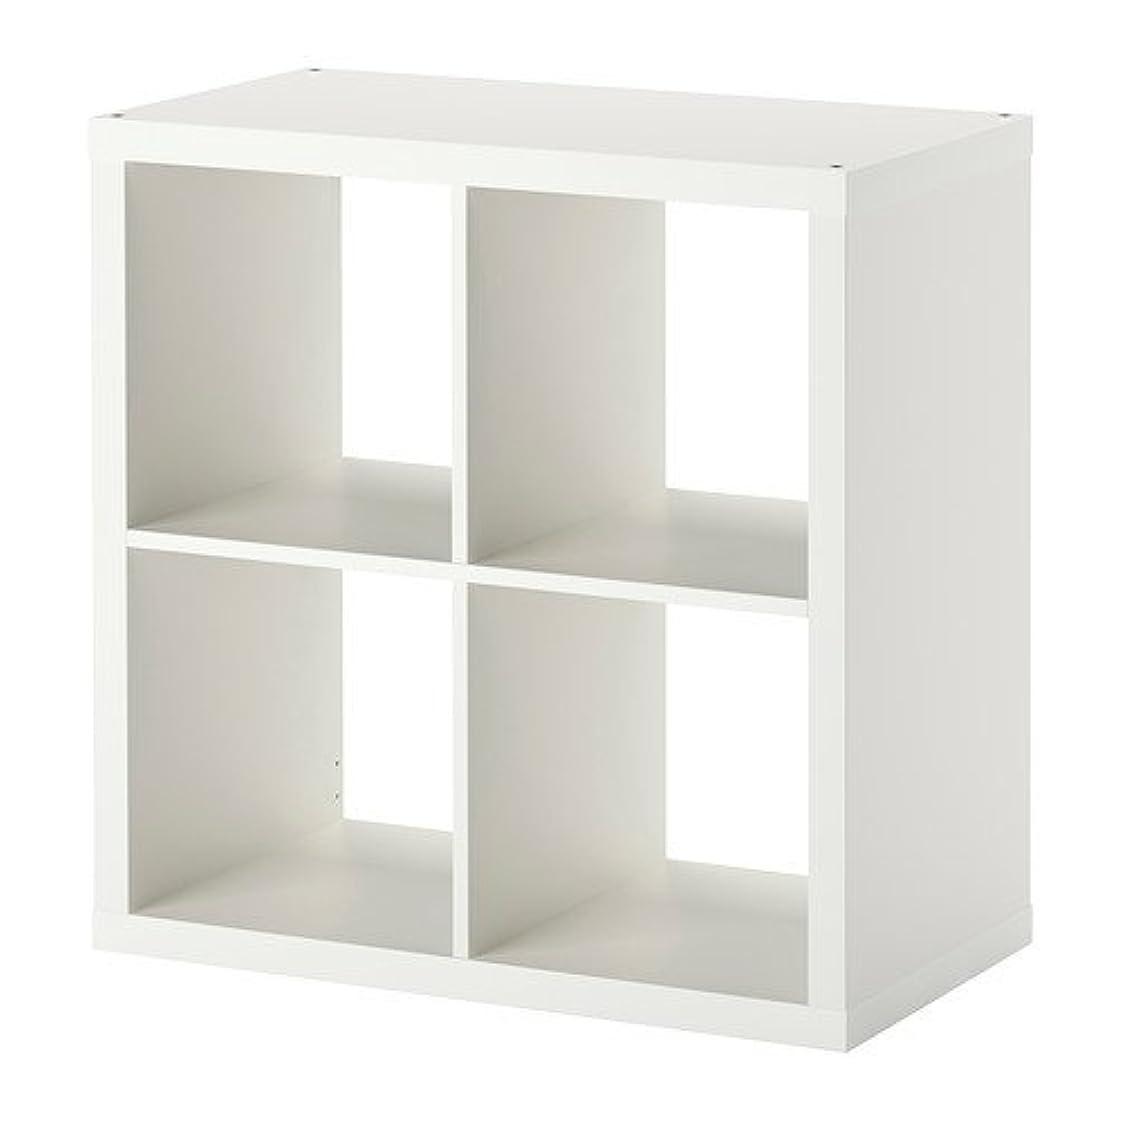 隔離分解する性交IKEA KALLAX シェルフユニット ホワイト 77×77cm 30275842